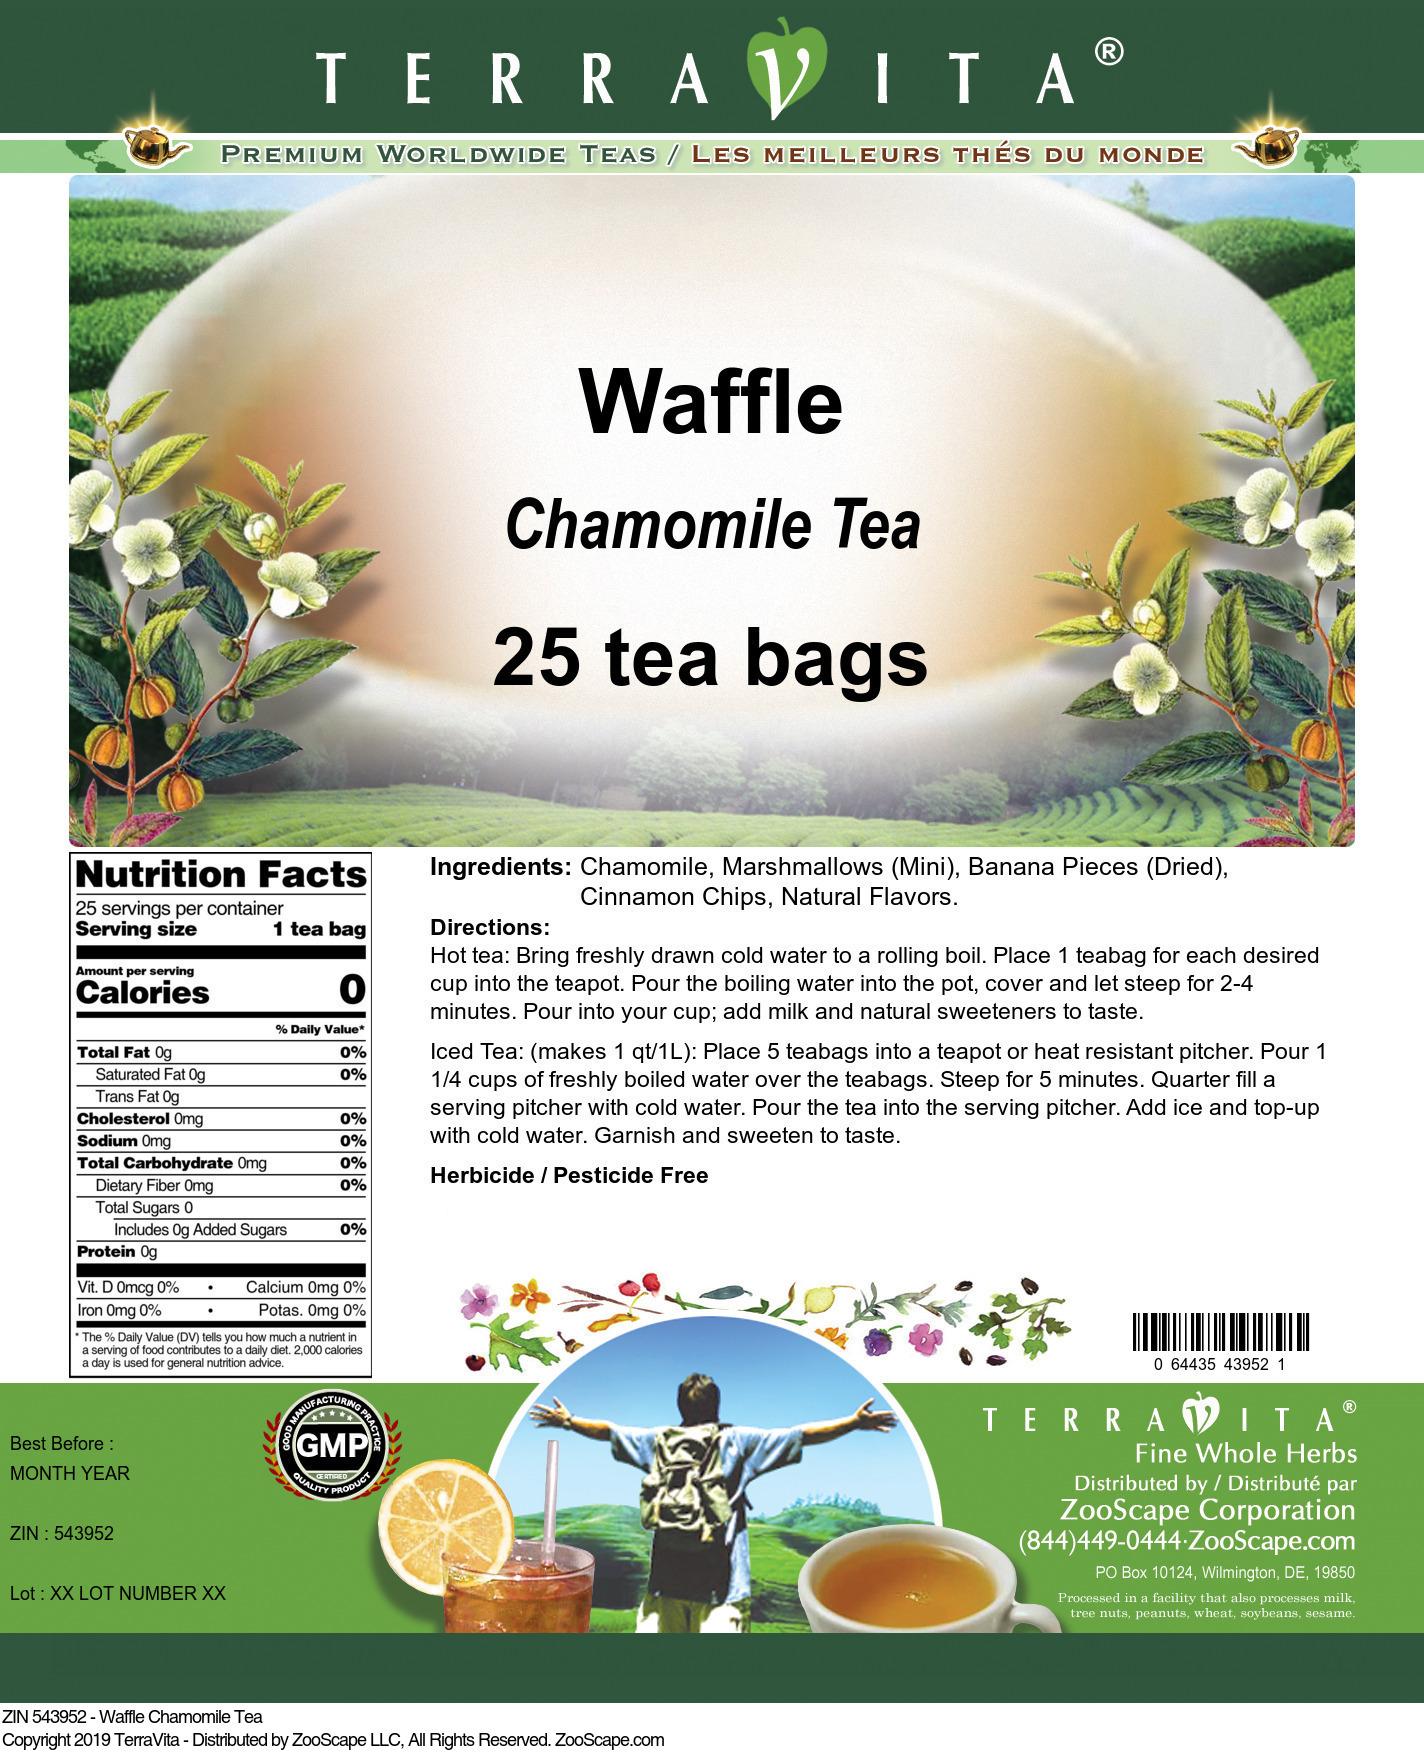 Waffle Chamomile Tea